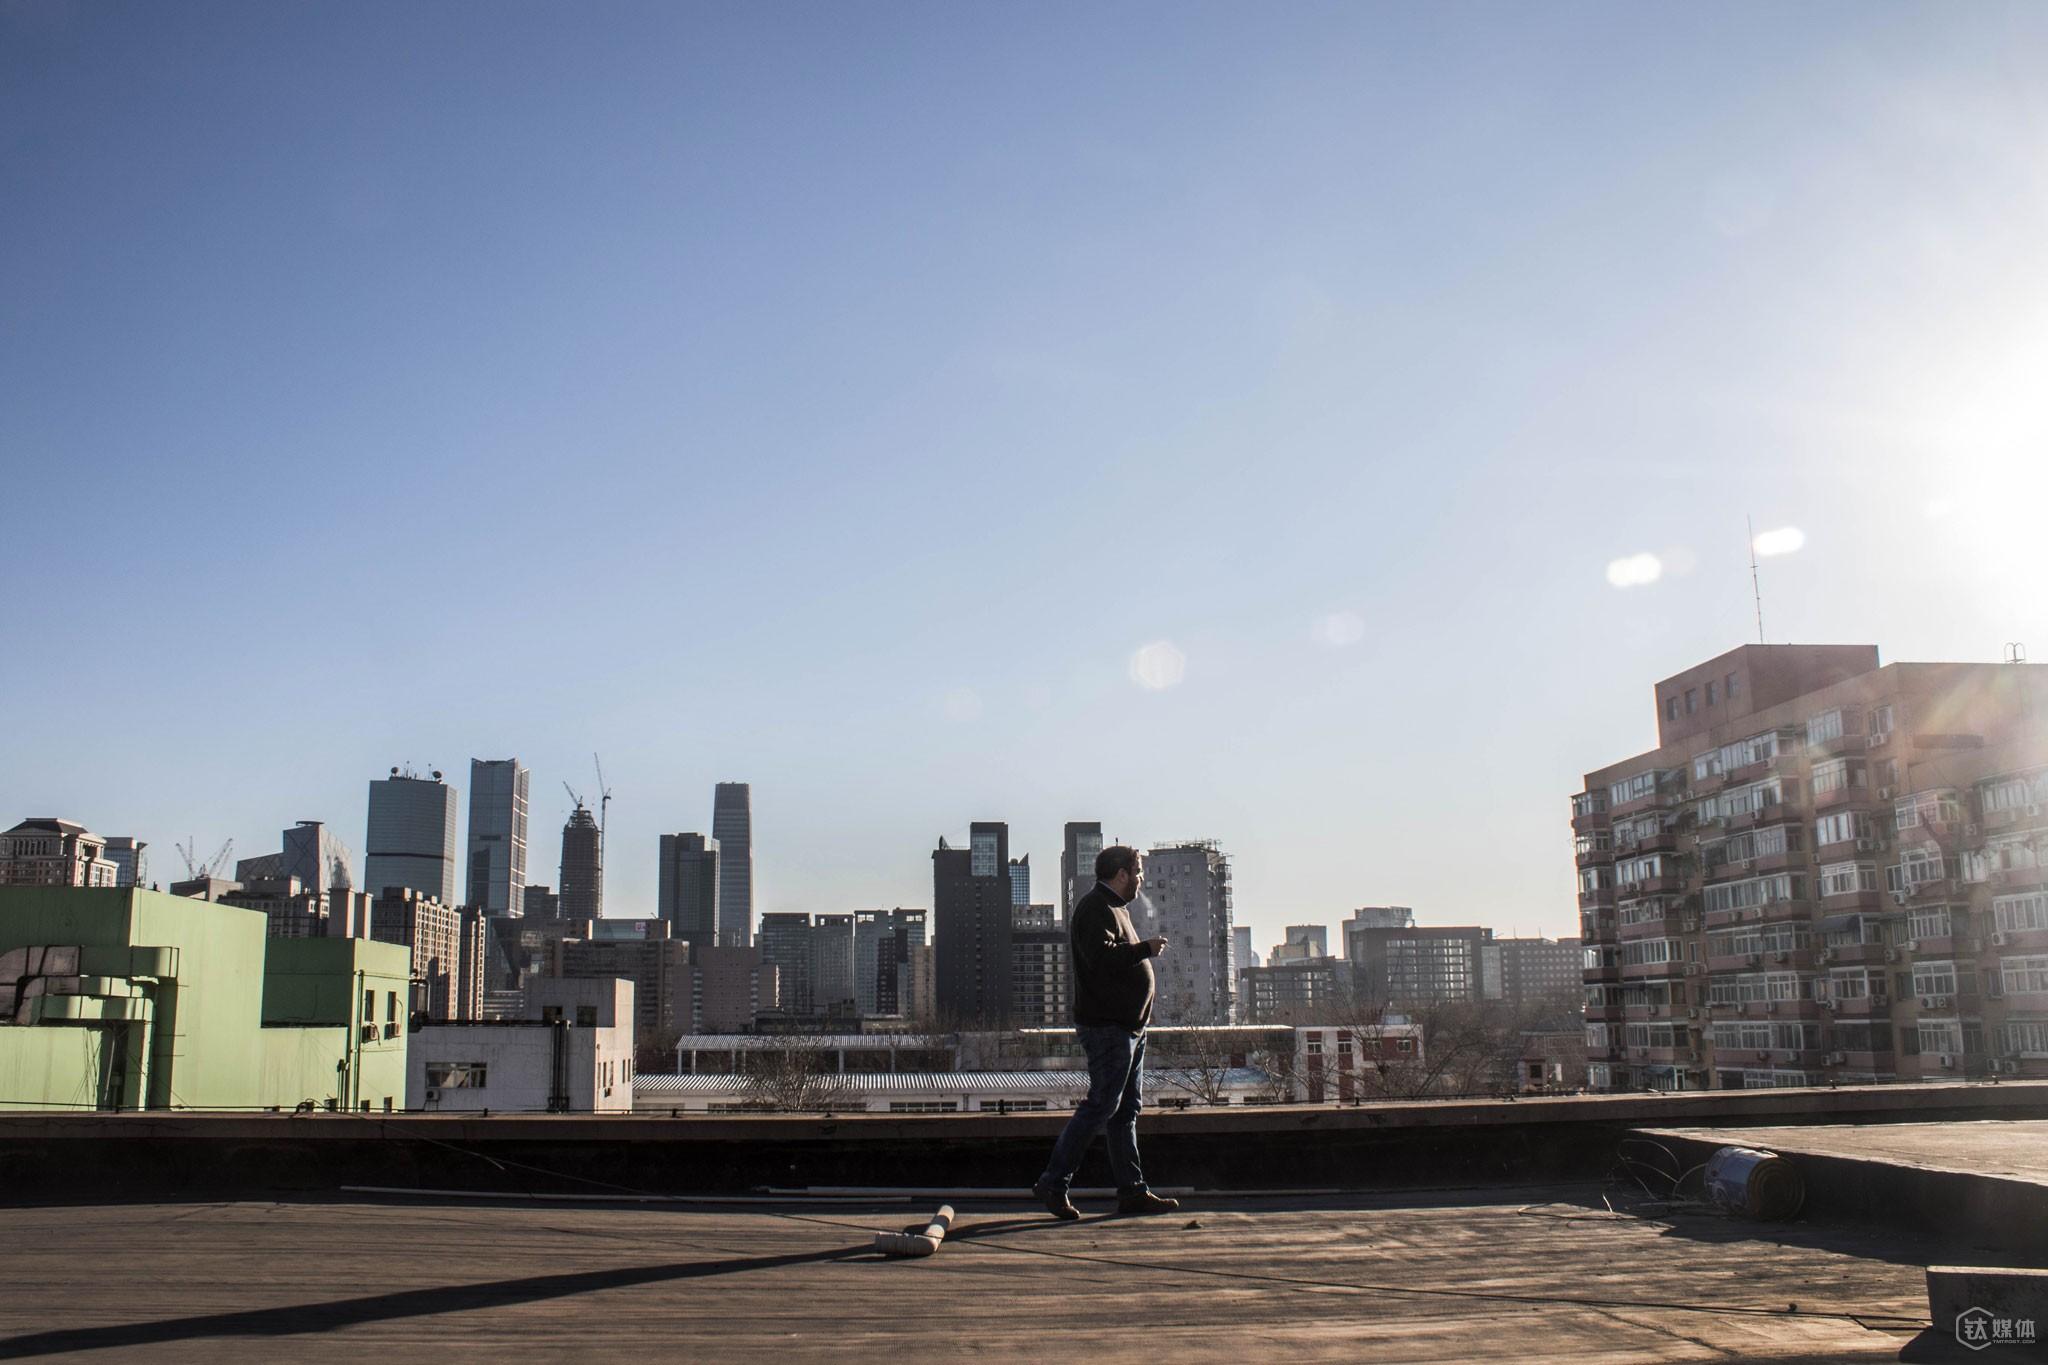 """2016年1月7日,北京三里屯,托马斯·博文在公司楼顶抽烟。托马斯是德国社民党成员,曾是一名议员,他对社会议题一直十分关注,""""中国将出现4亿中产阶级,这个群体很在意生活质量,对食品安全和消费品安全问题非常关注,这是优恪的机会,这样的独立第三方测评服务,在中国是前所未有的。"""""""